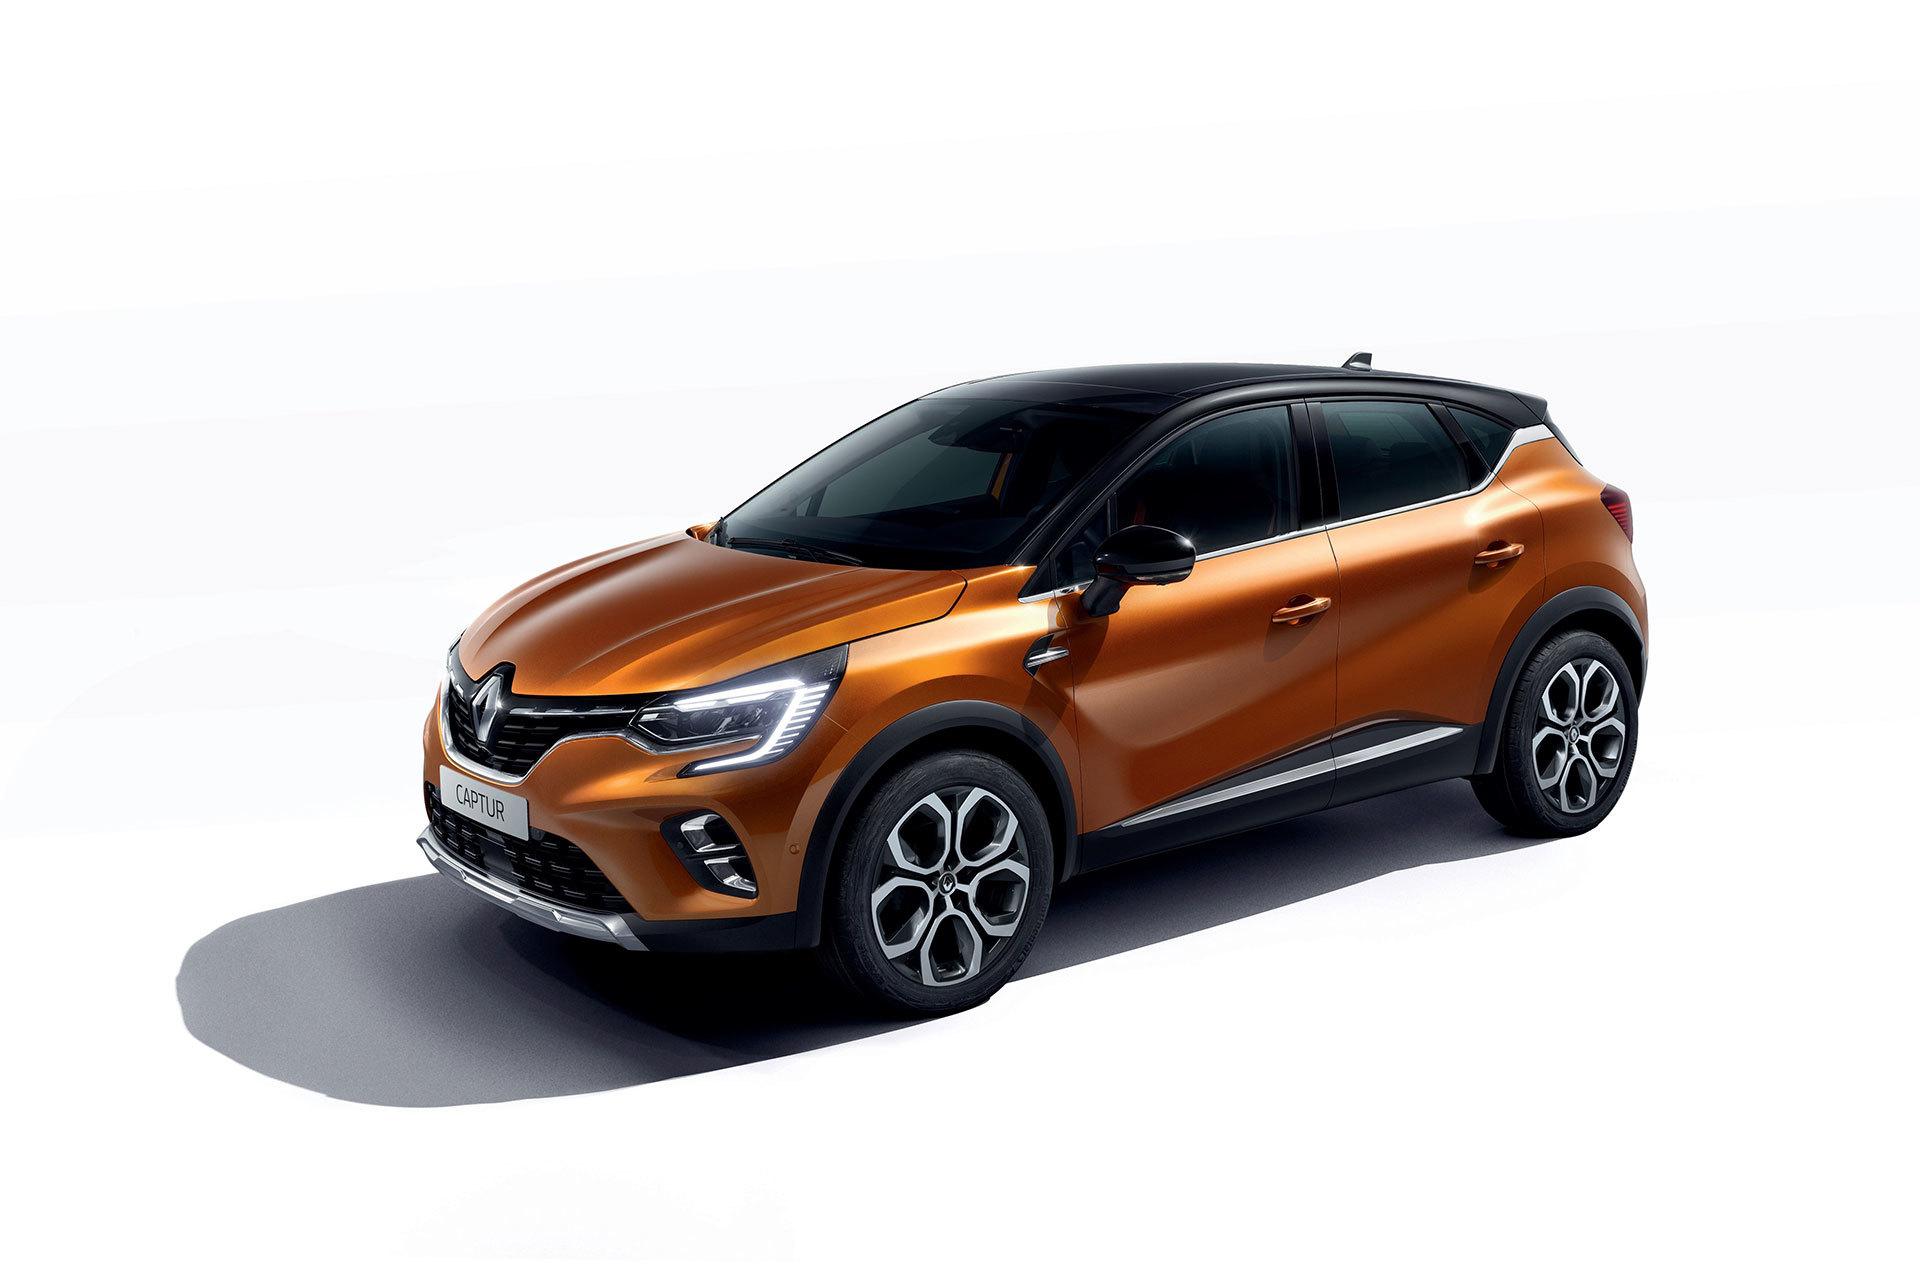 Renault Captur 2019 Naranja Atacama Exterior 04